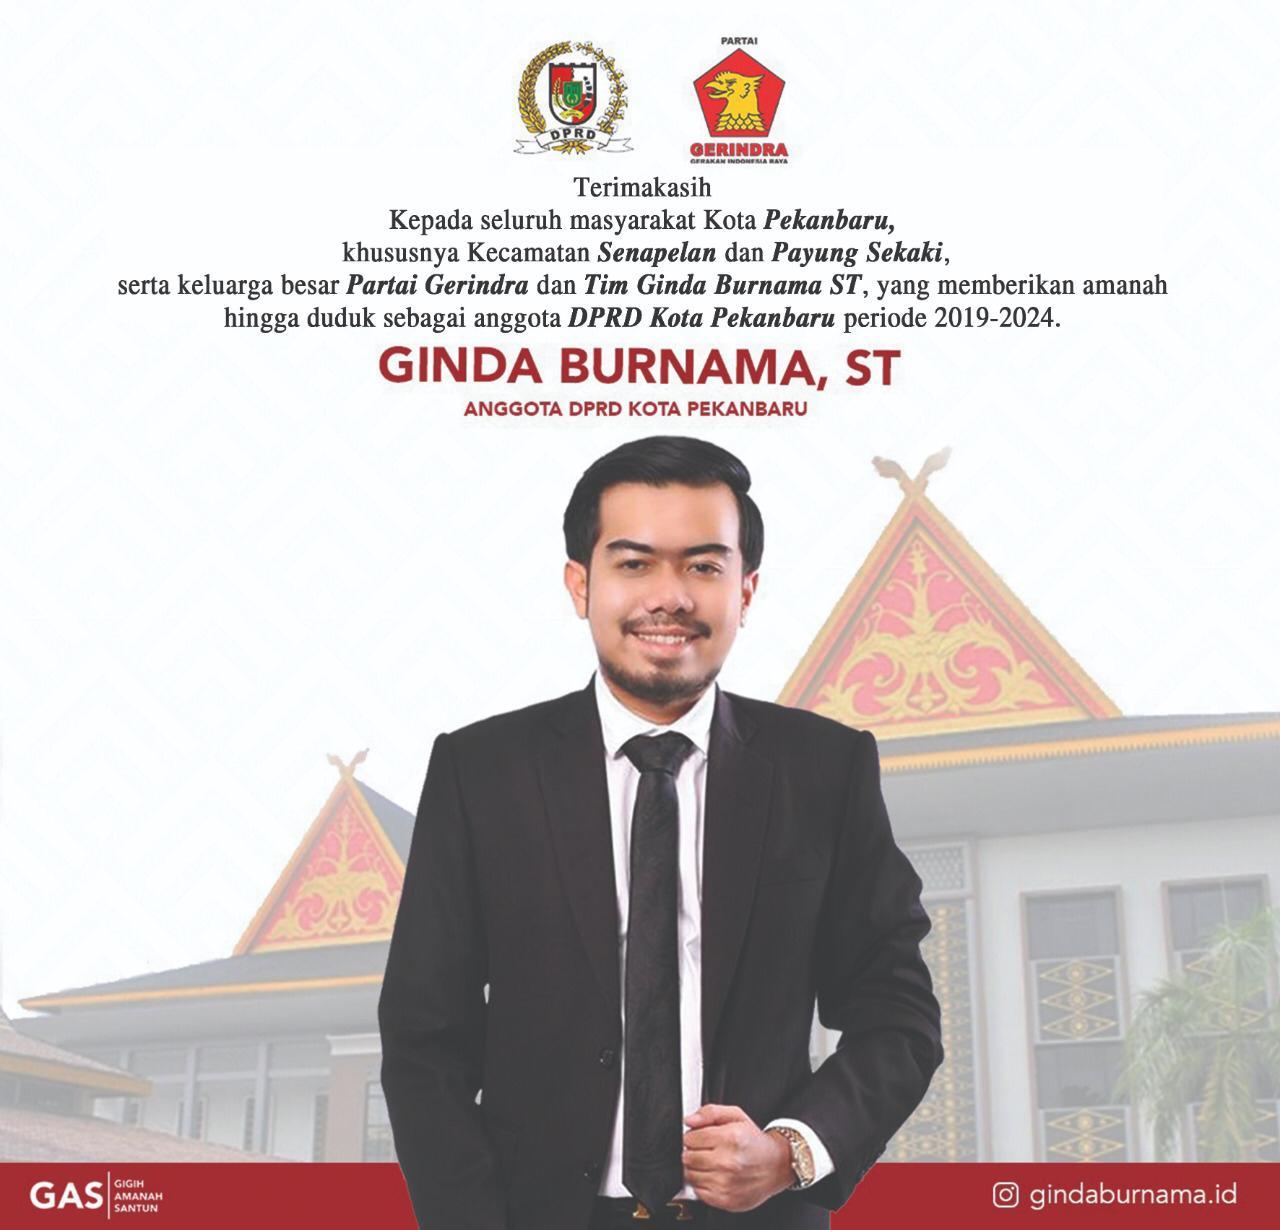 Pelantikan Ginda Burnama, ST anggota DPRD Kota Pekanbaru